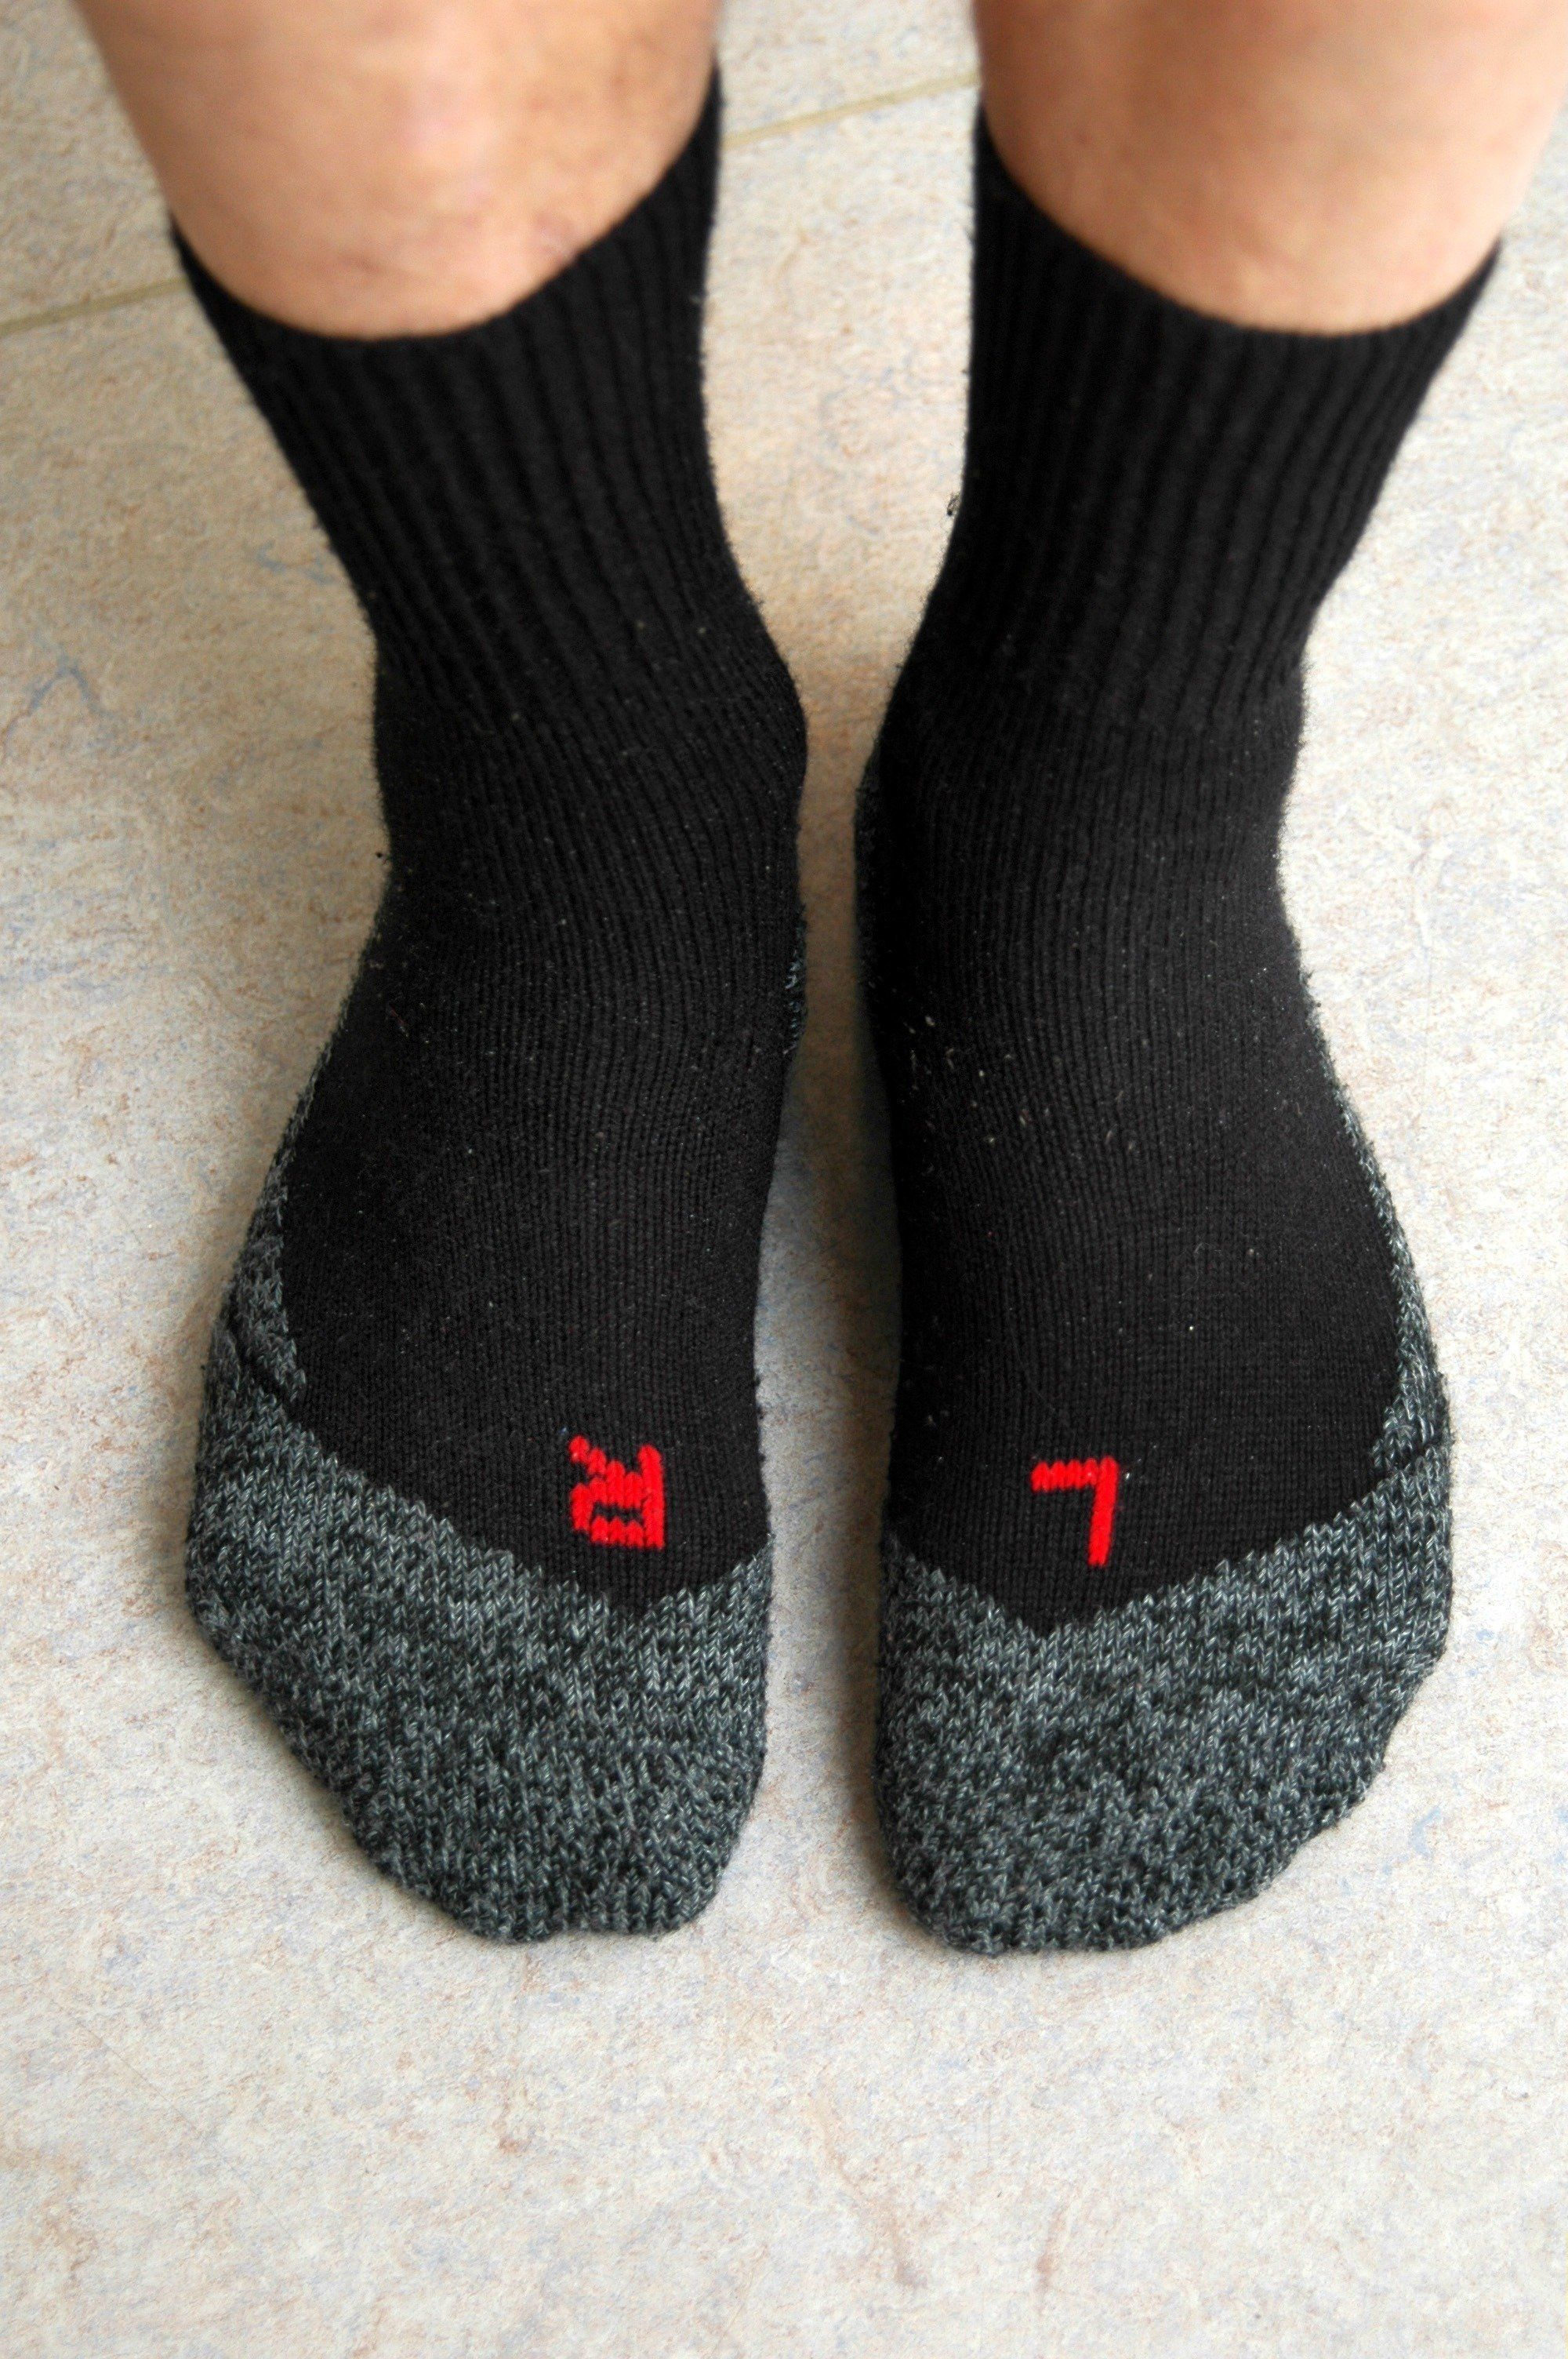 Mann riecht jeden Tag an seinen Socken, dann bangt er um sein